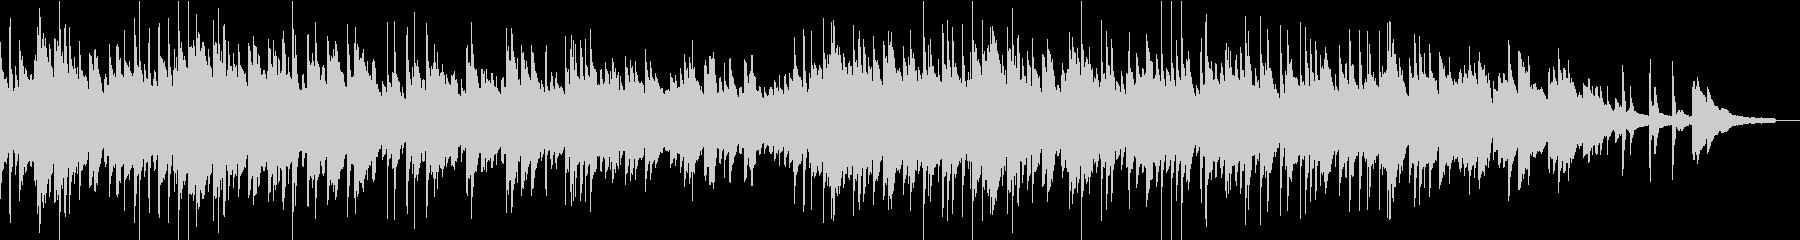 切ないメロディックなピアノソロの未再生の波形